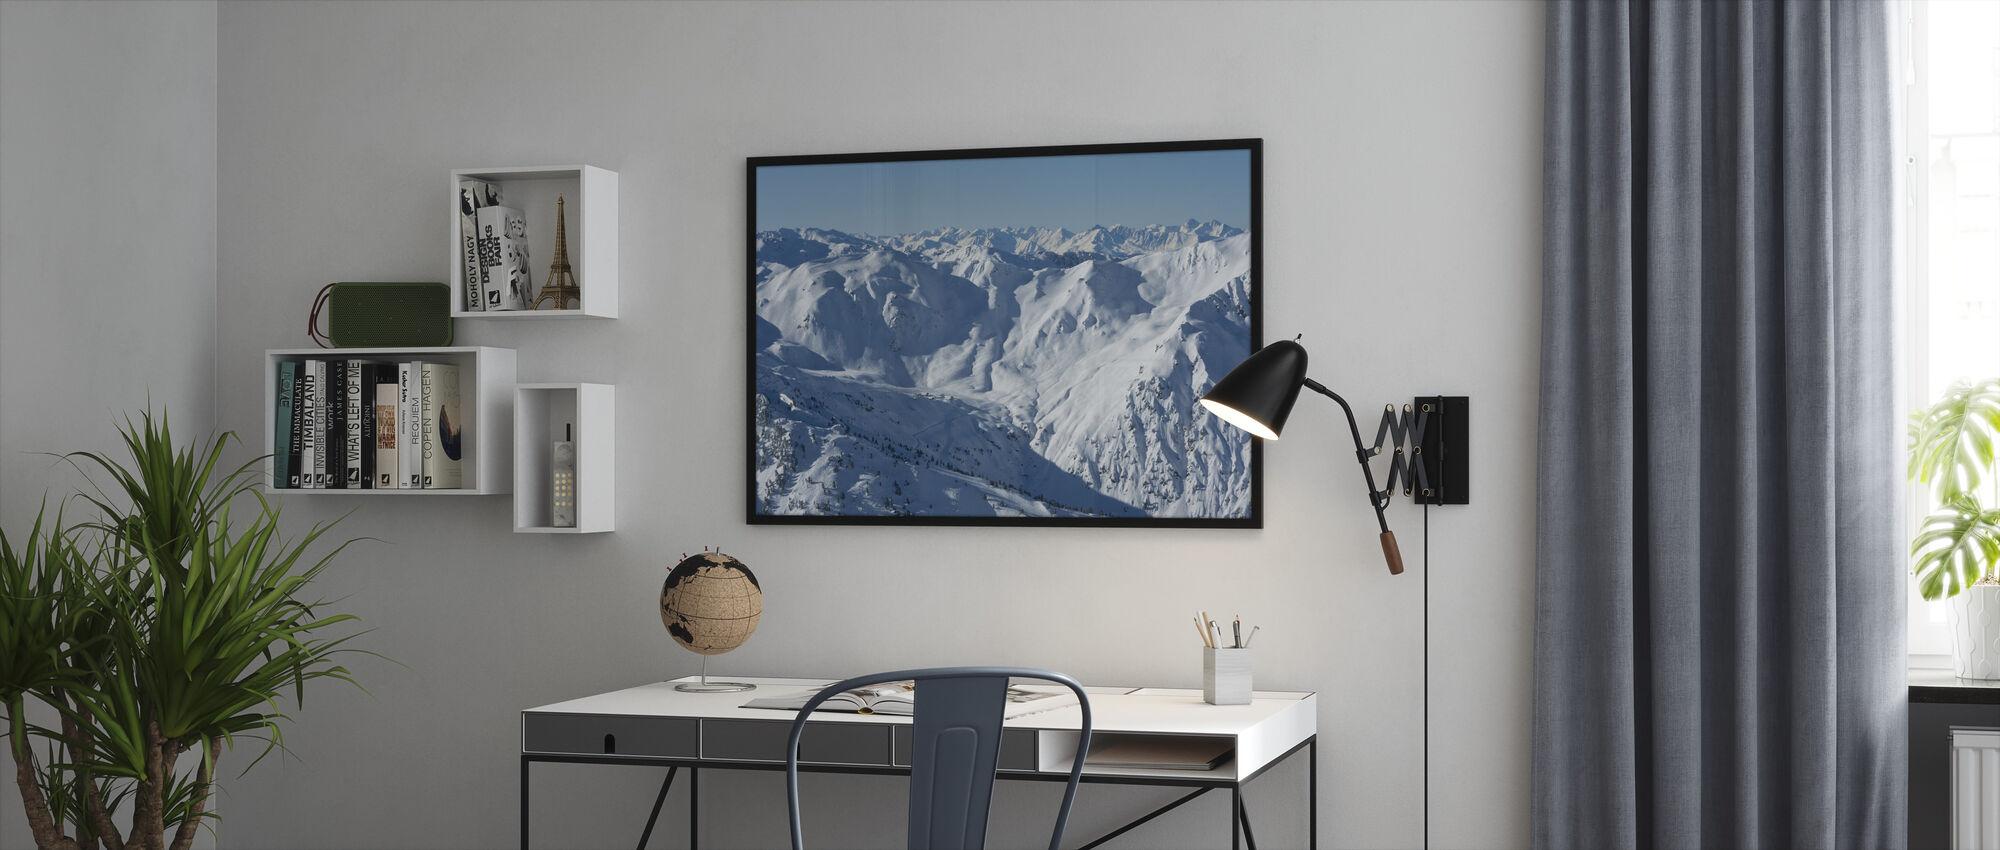 Stoki narciarskie Zillertal - Obraz w ramie - Biuro